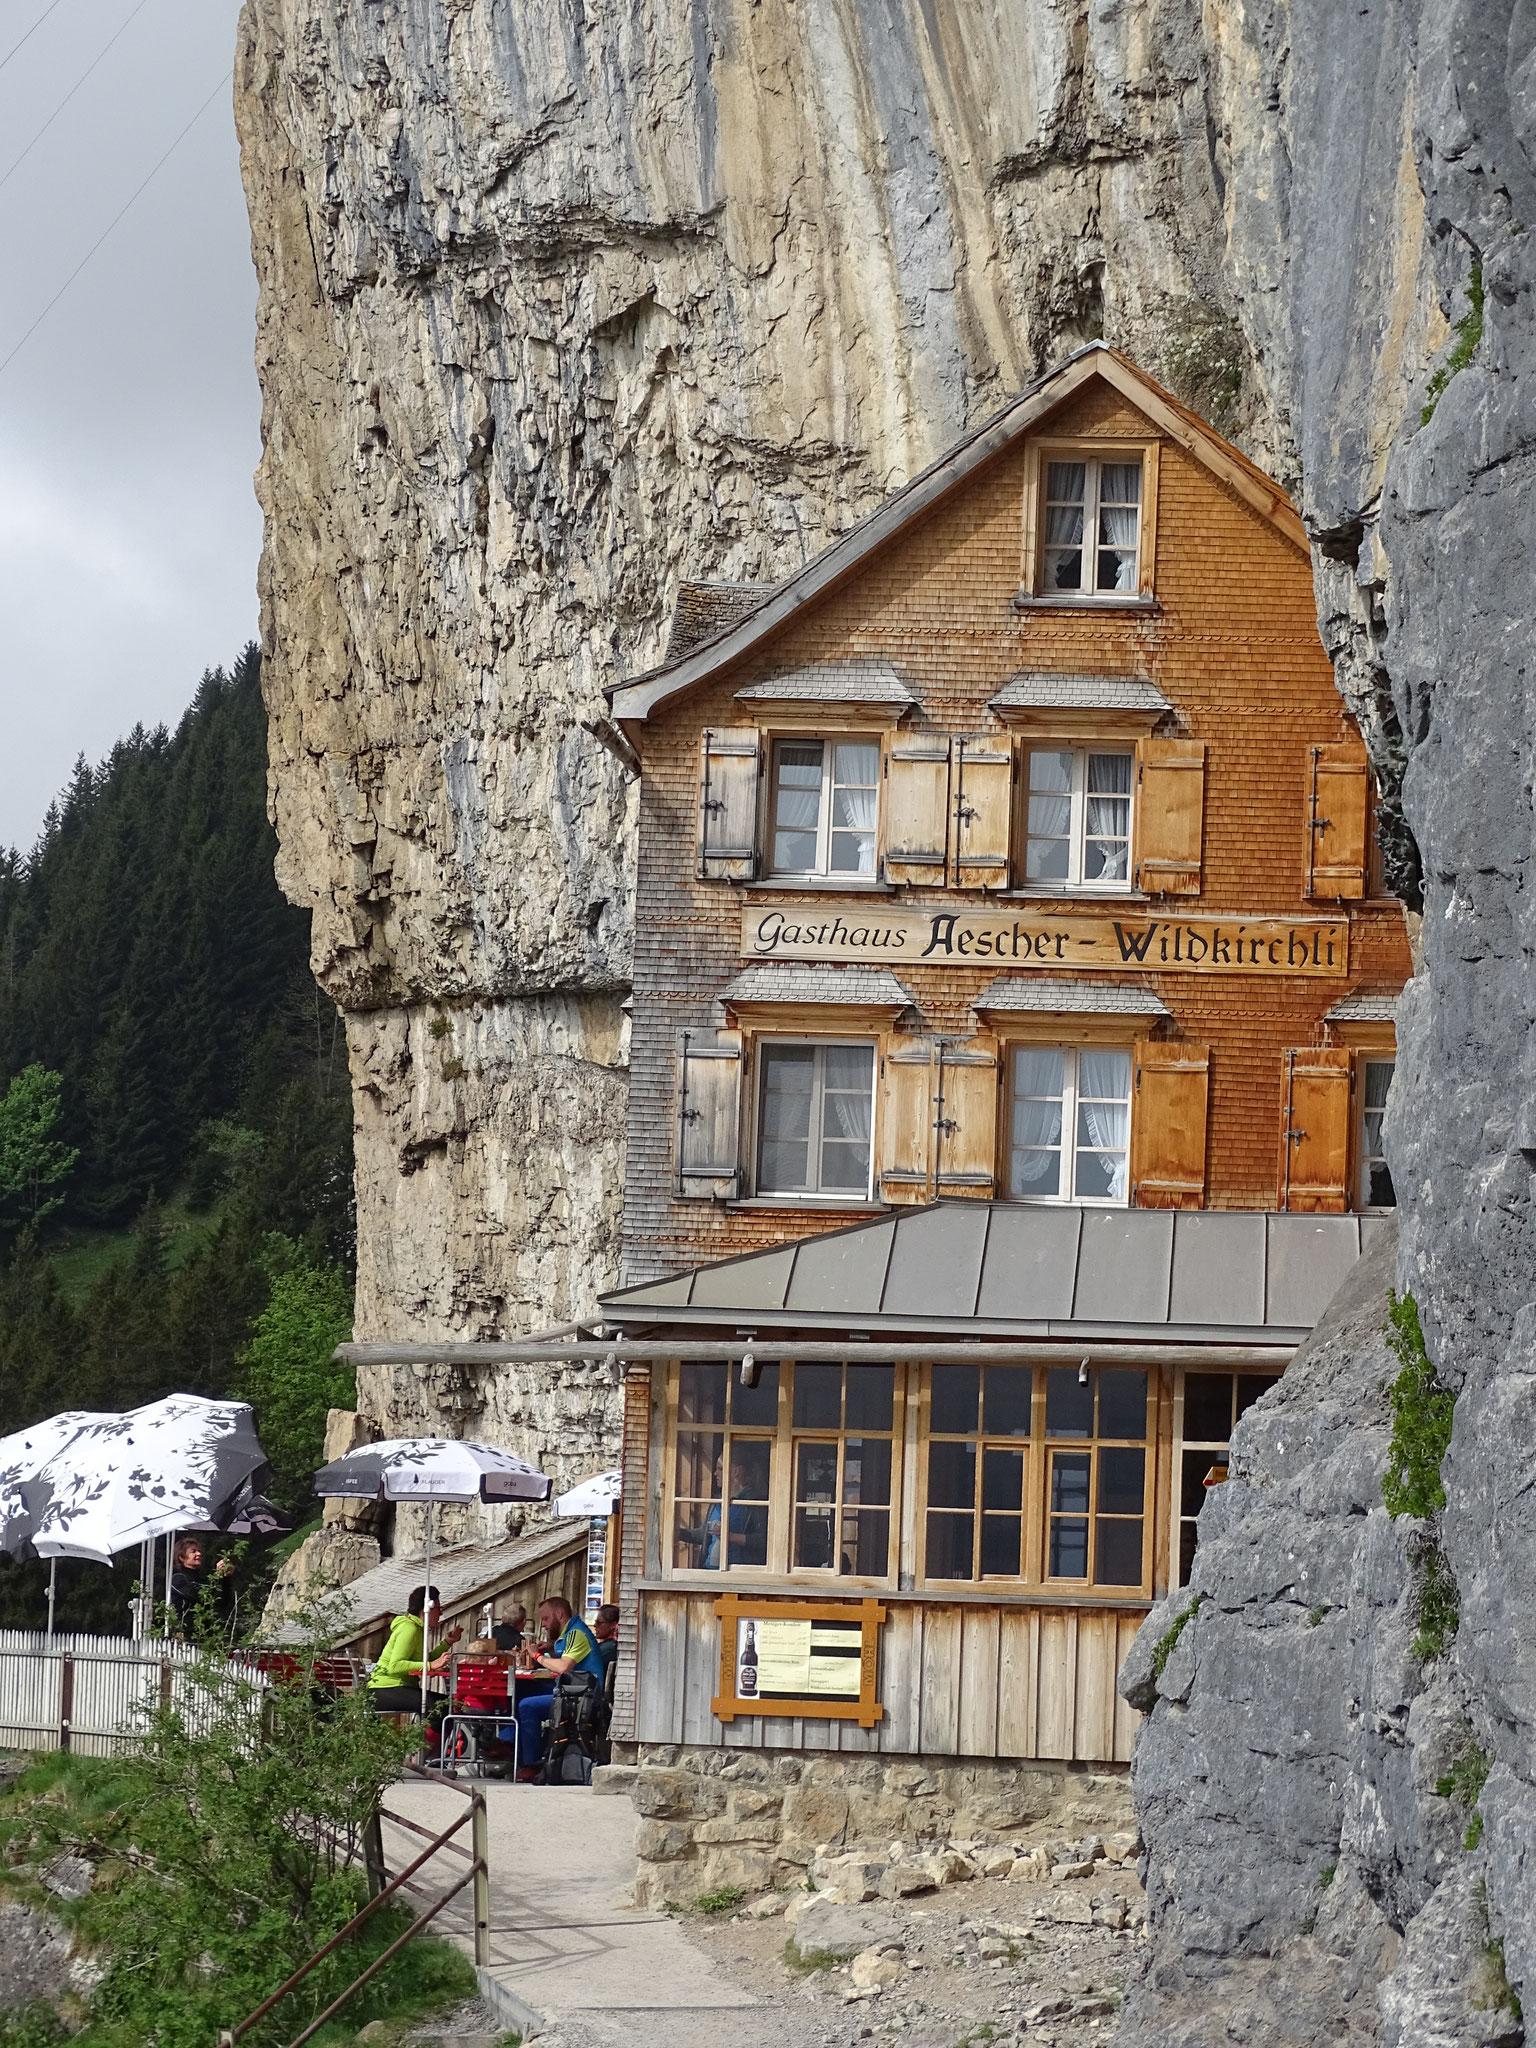 Ausflug der aktiven in die schweizer Bergwelt am Säntis